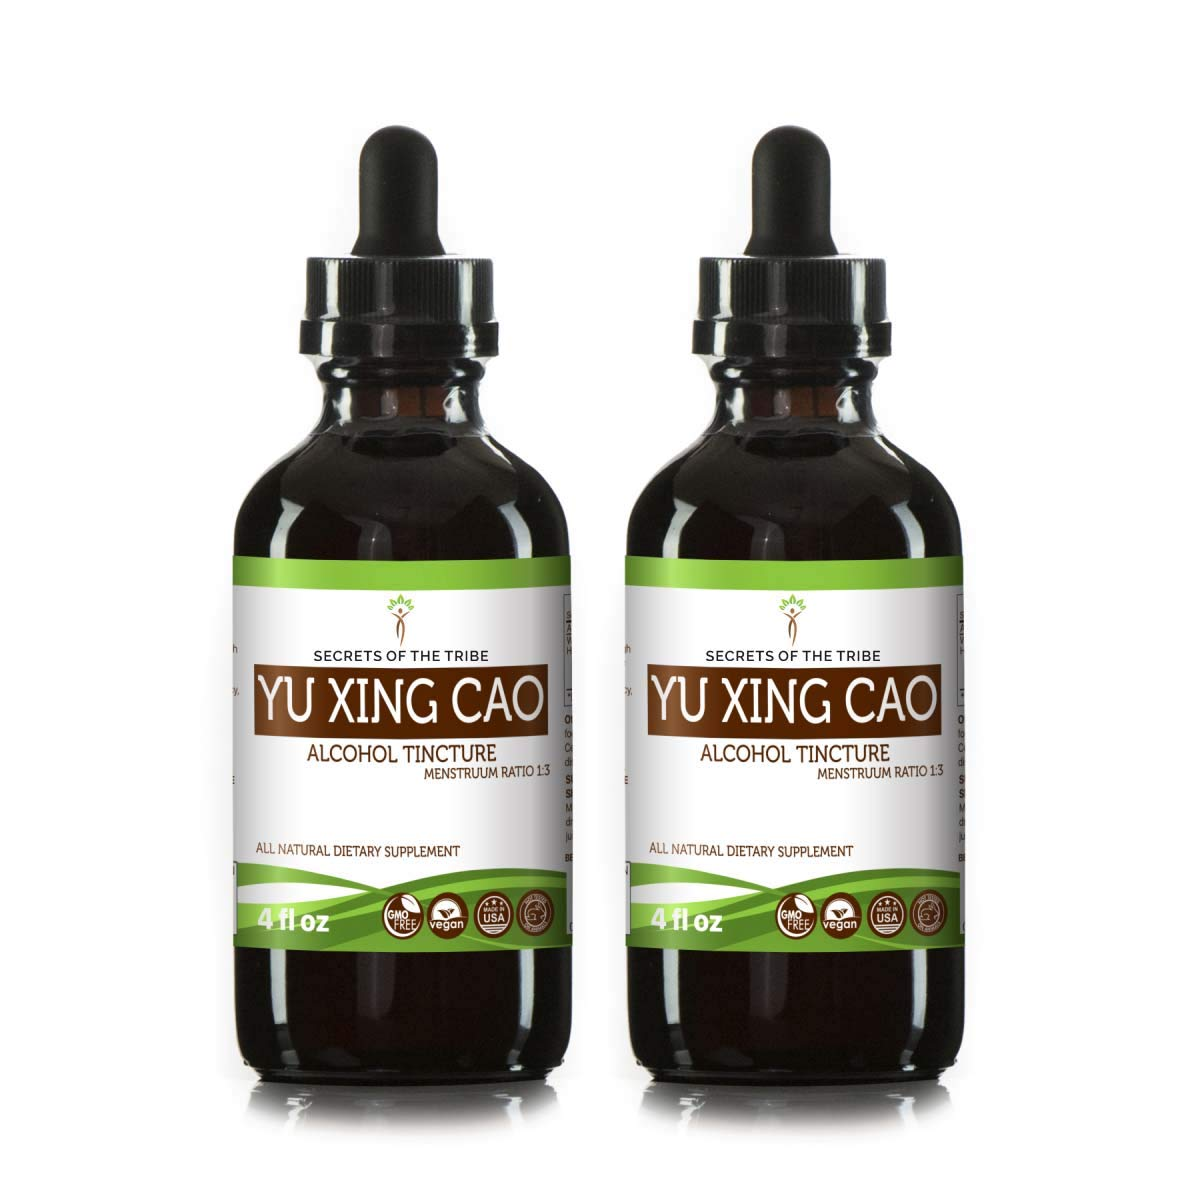 Yu Xing Cao Tincture Alcohol Extract, Wildcrafted Yu Xing Cao (Plu Kaow, Houttuynia Cordata) Dried Herb (2x4 FL OZ)